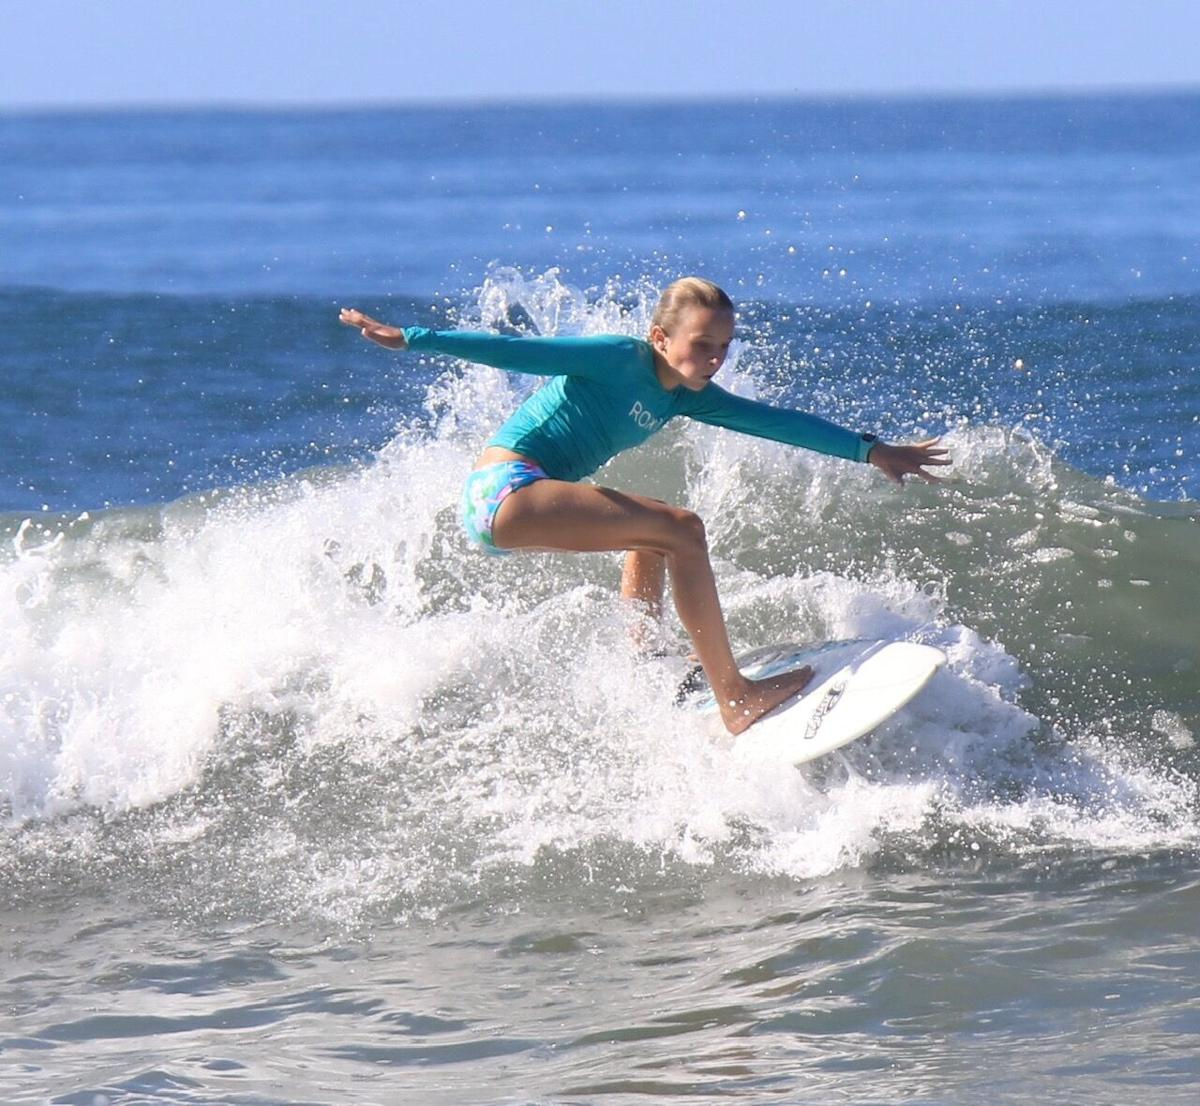 Gwisc surfing